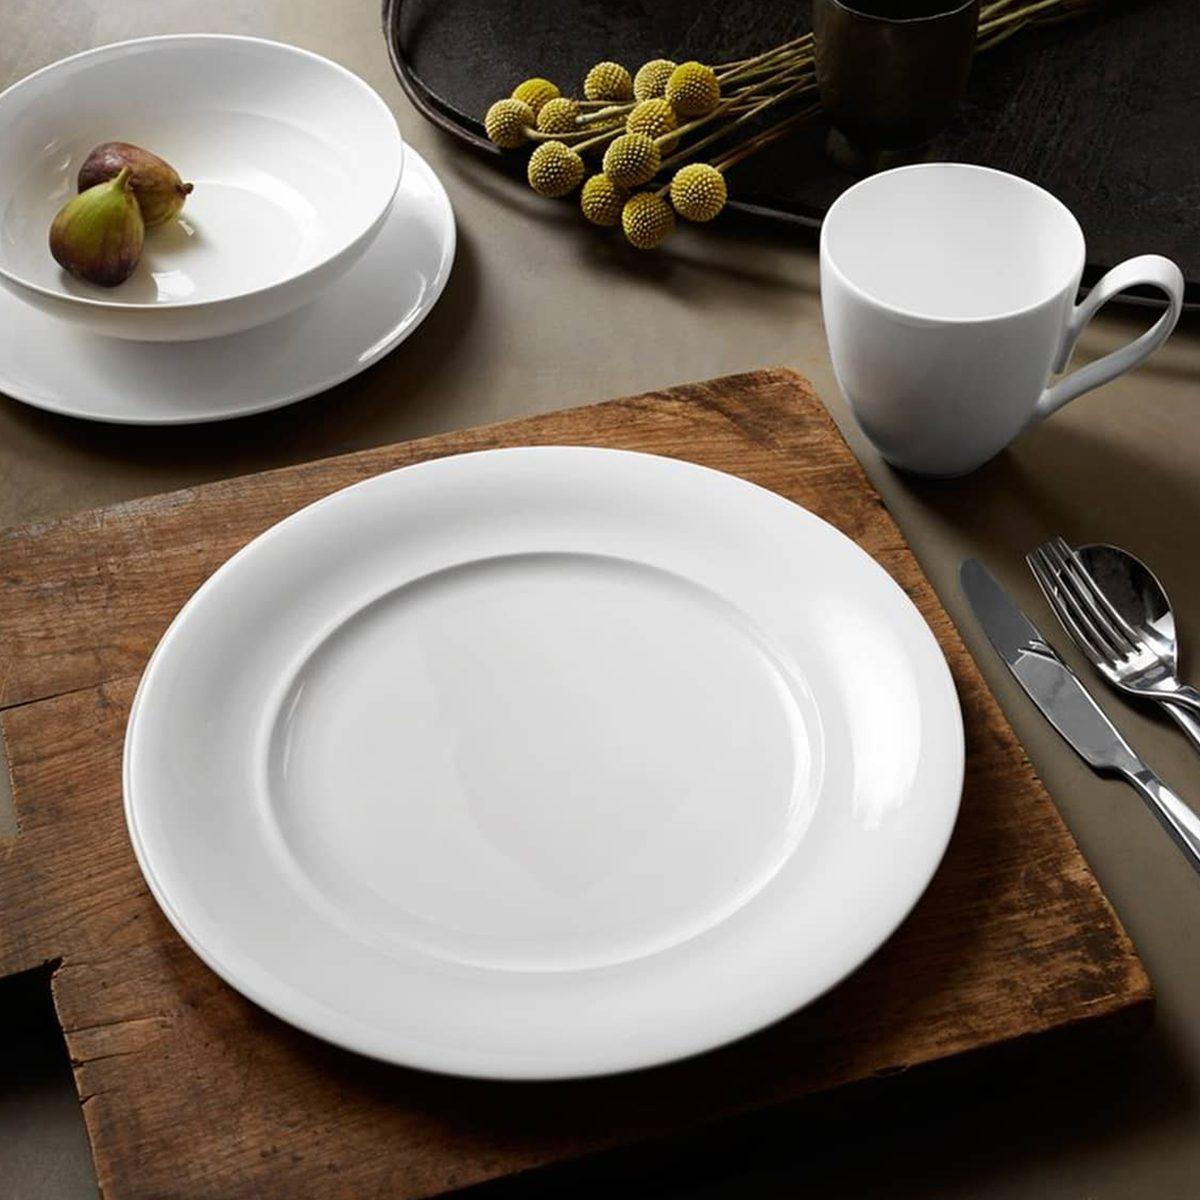 Classic White Dinnerware Set